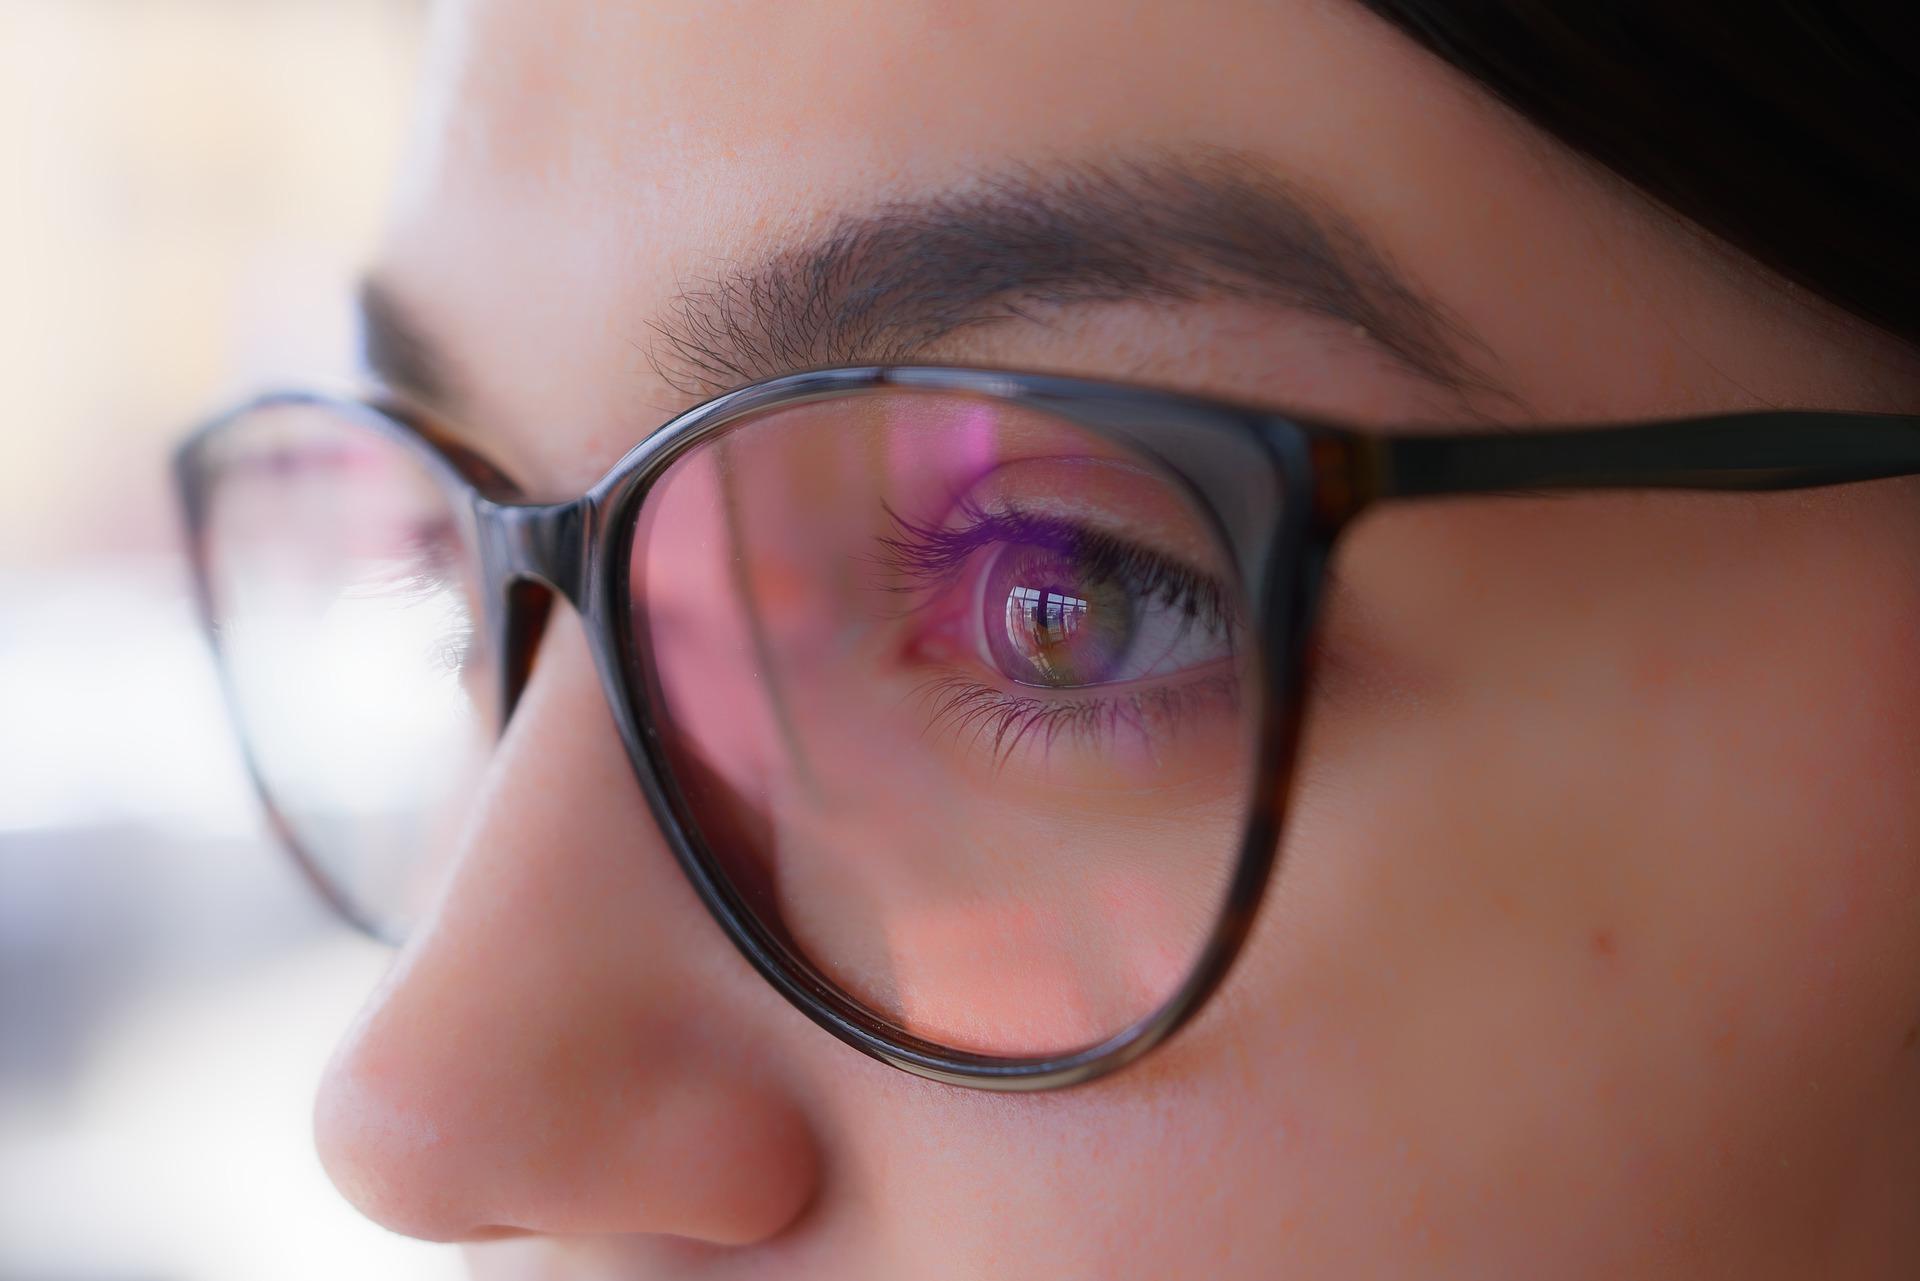 Conheçam o novo Checkup dos Olhos – foco na prevenção e controle das doenças oculares™